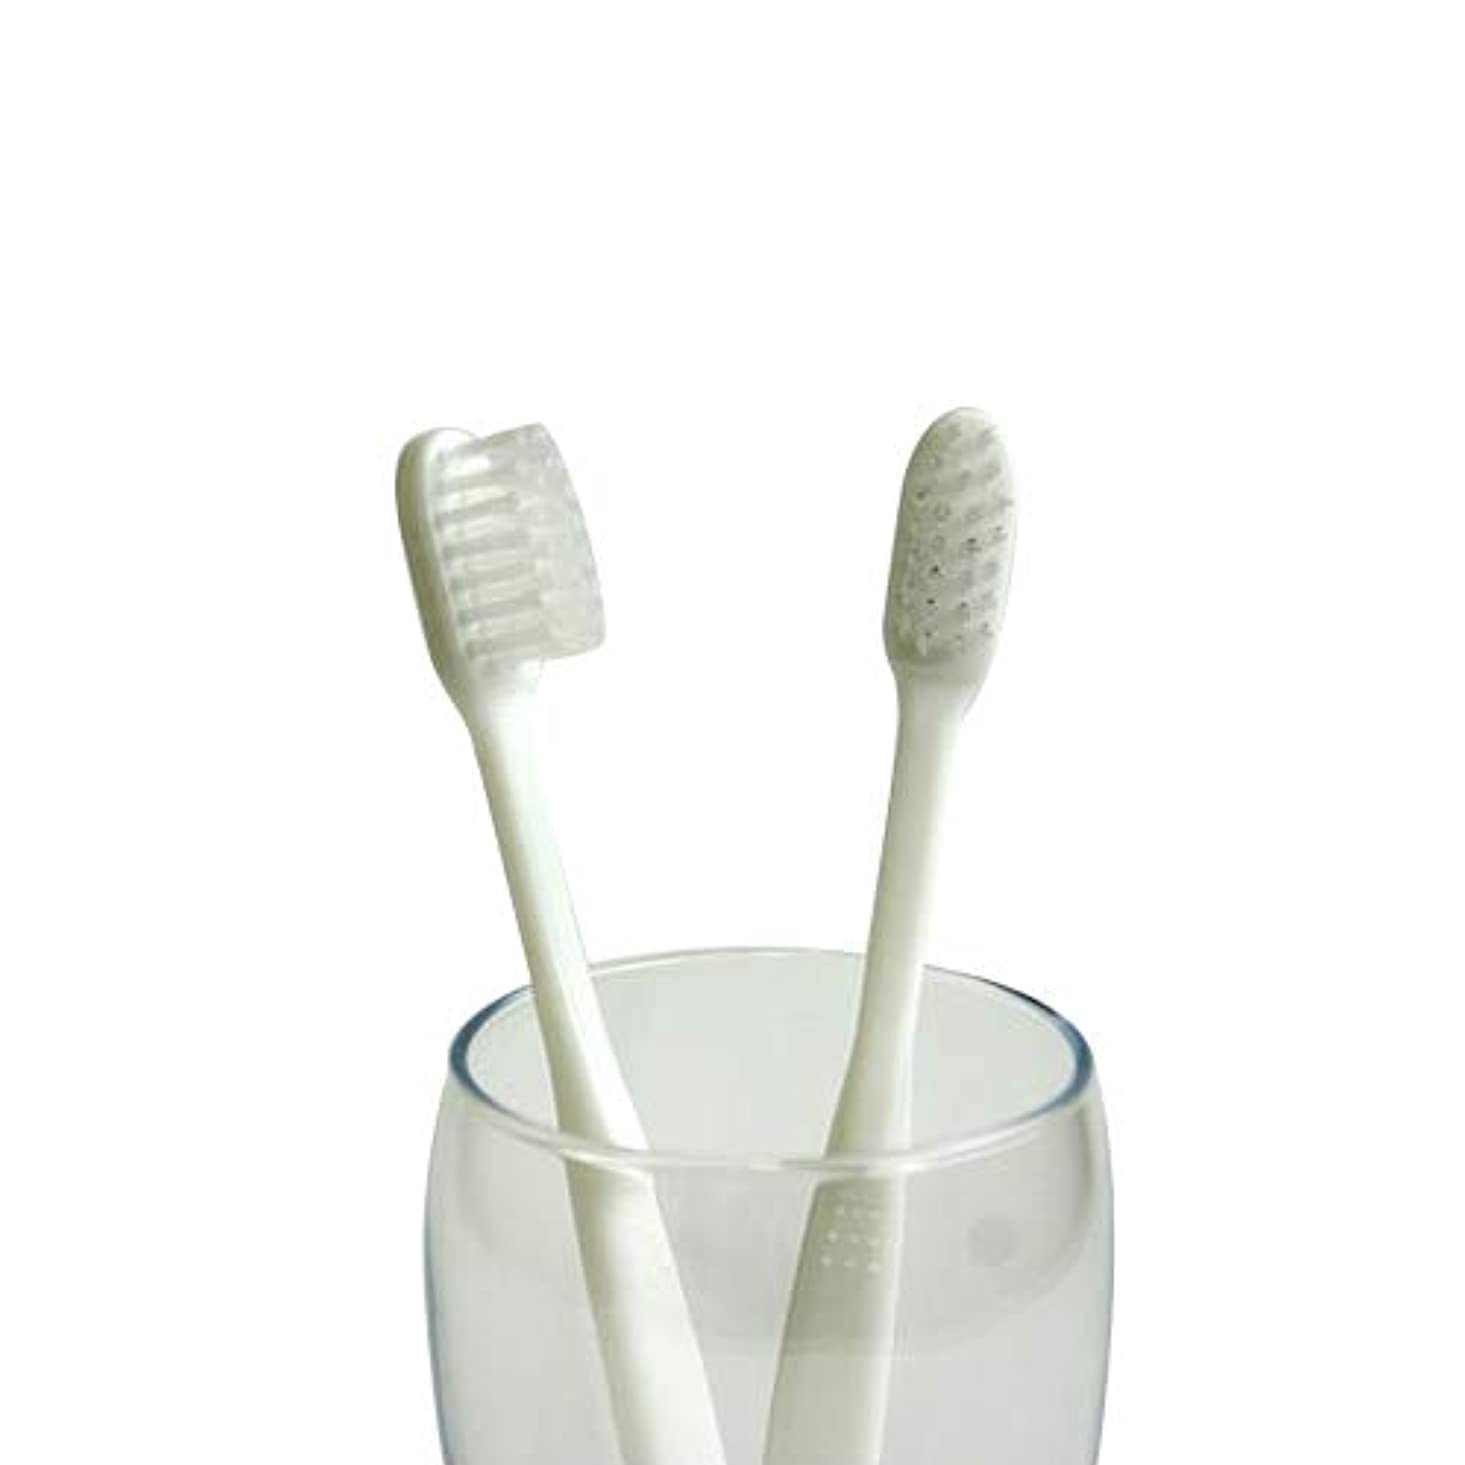 ロープ生理電信業務用使い捨て歯ブラシ(ハミガキ粉無し) 100本入り│口腔衛生用 清掃用 掃除用 工業用 ハブラシ はぶらし